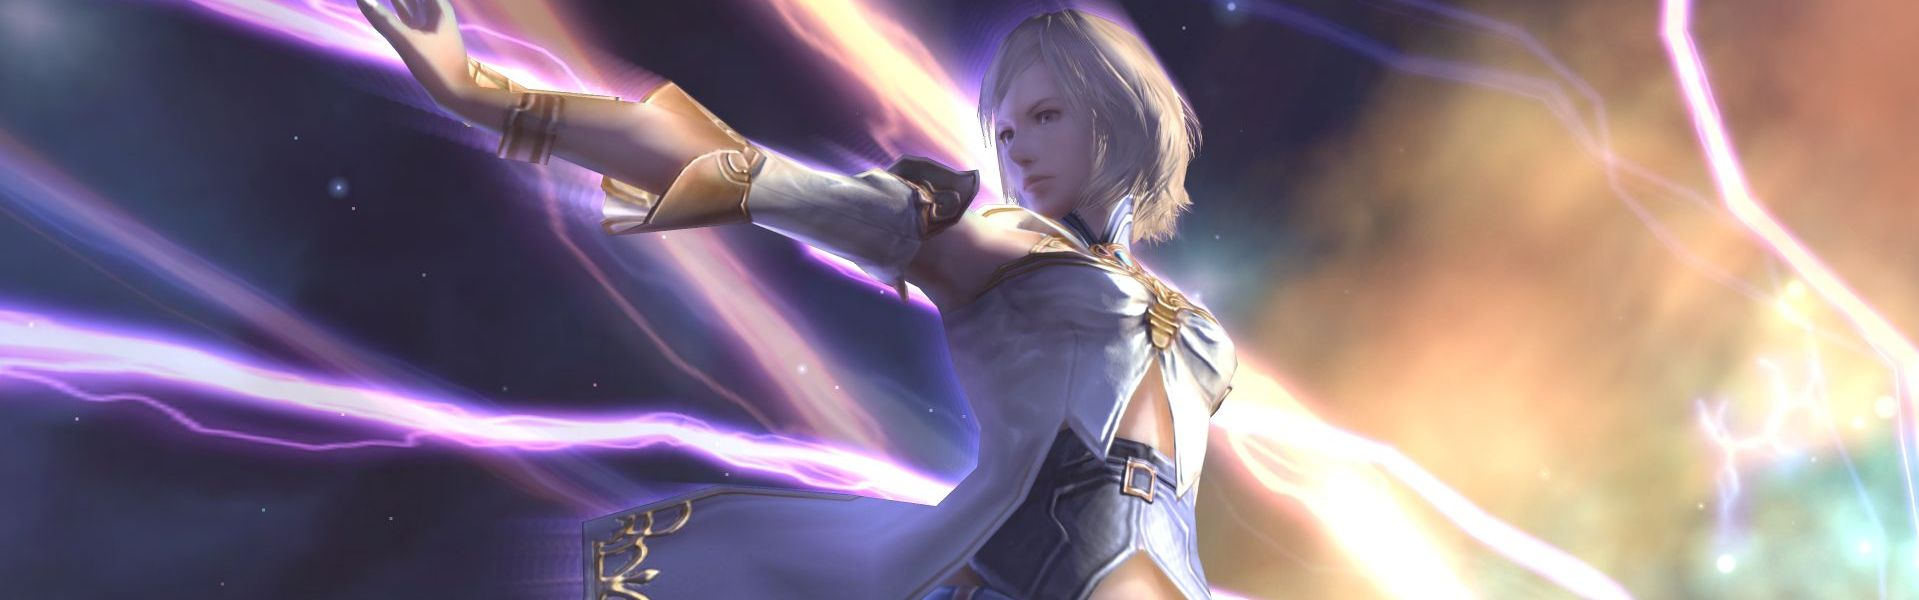 Final Fantasy XII The Zodiac Age (Xbox One) Xbox Live Key EUROPE